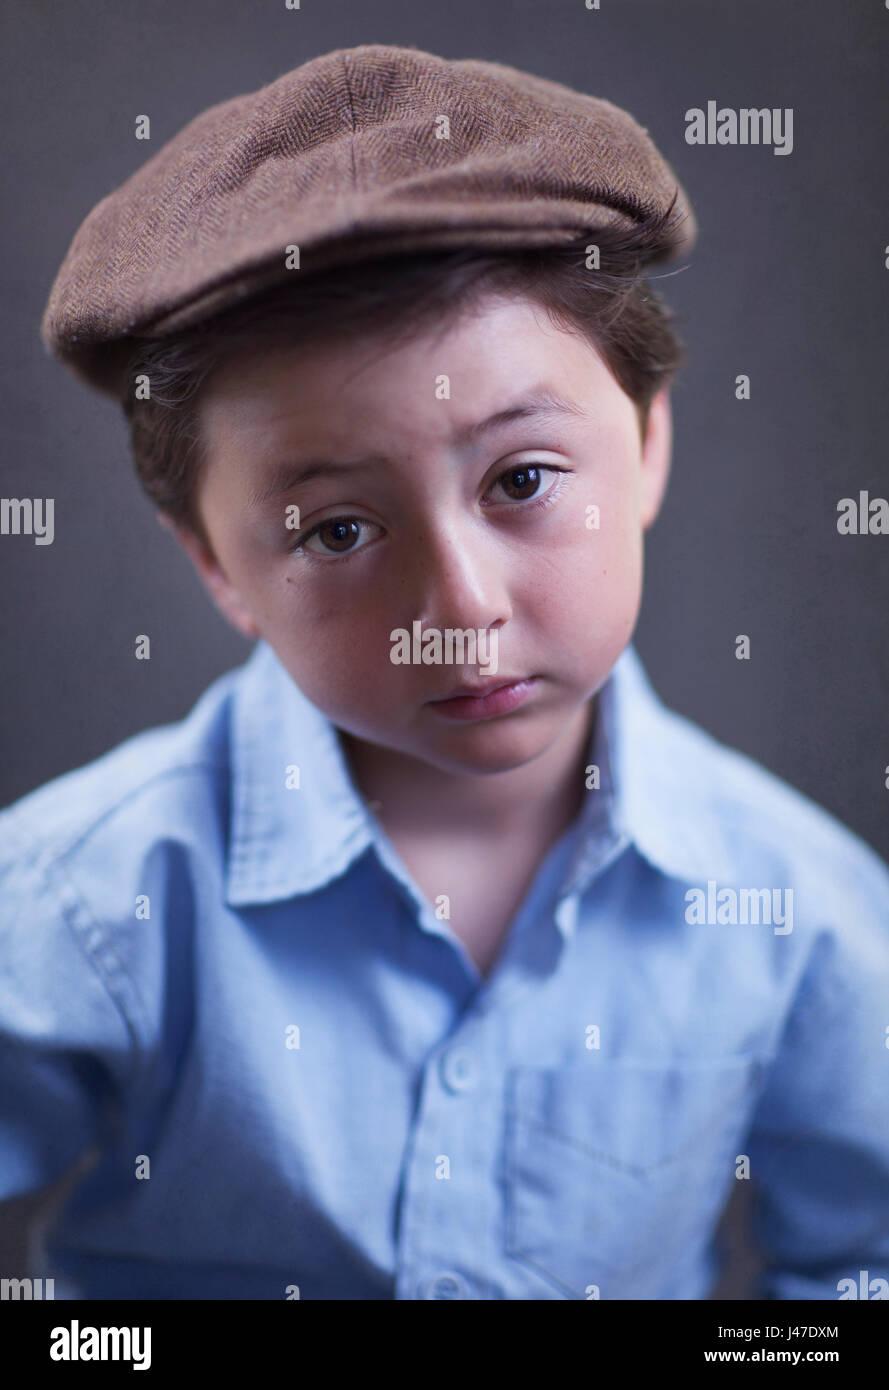 Süß und ernsthafte Suche multi-ethnischen asiatische Kaukasischen kleiner Junge trägt ein blaues Poloshirt und braunem Stockfoto